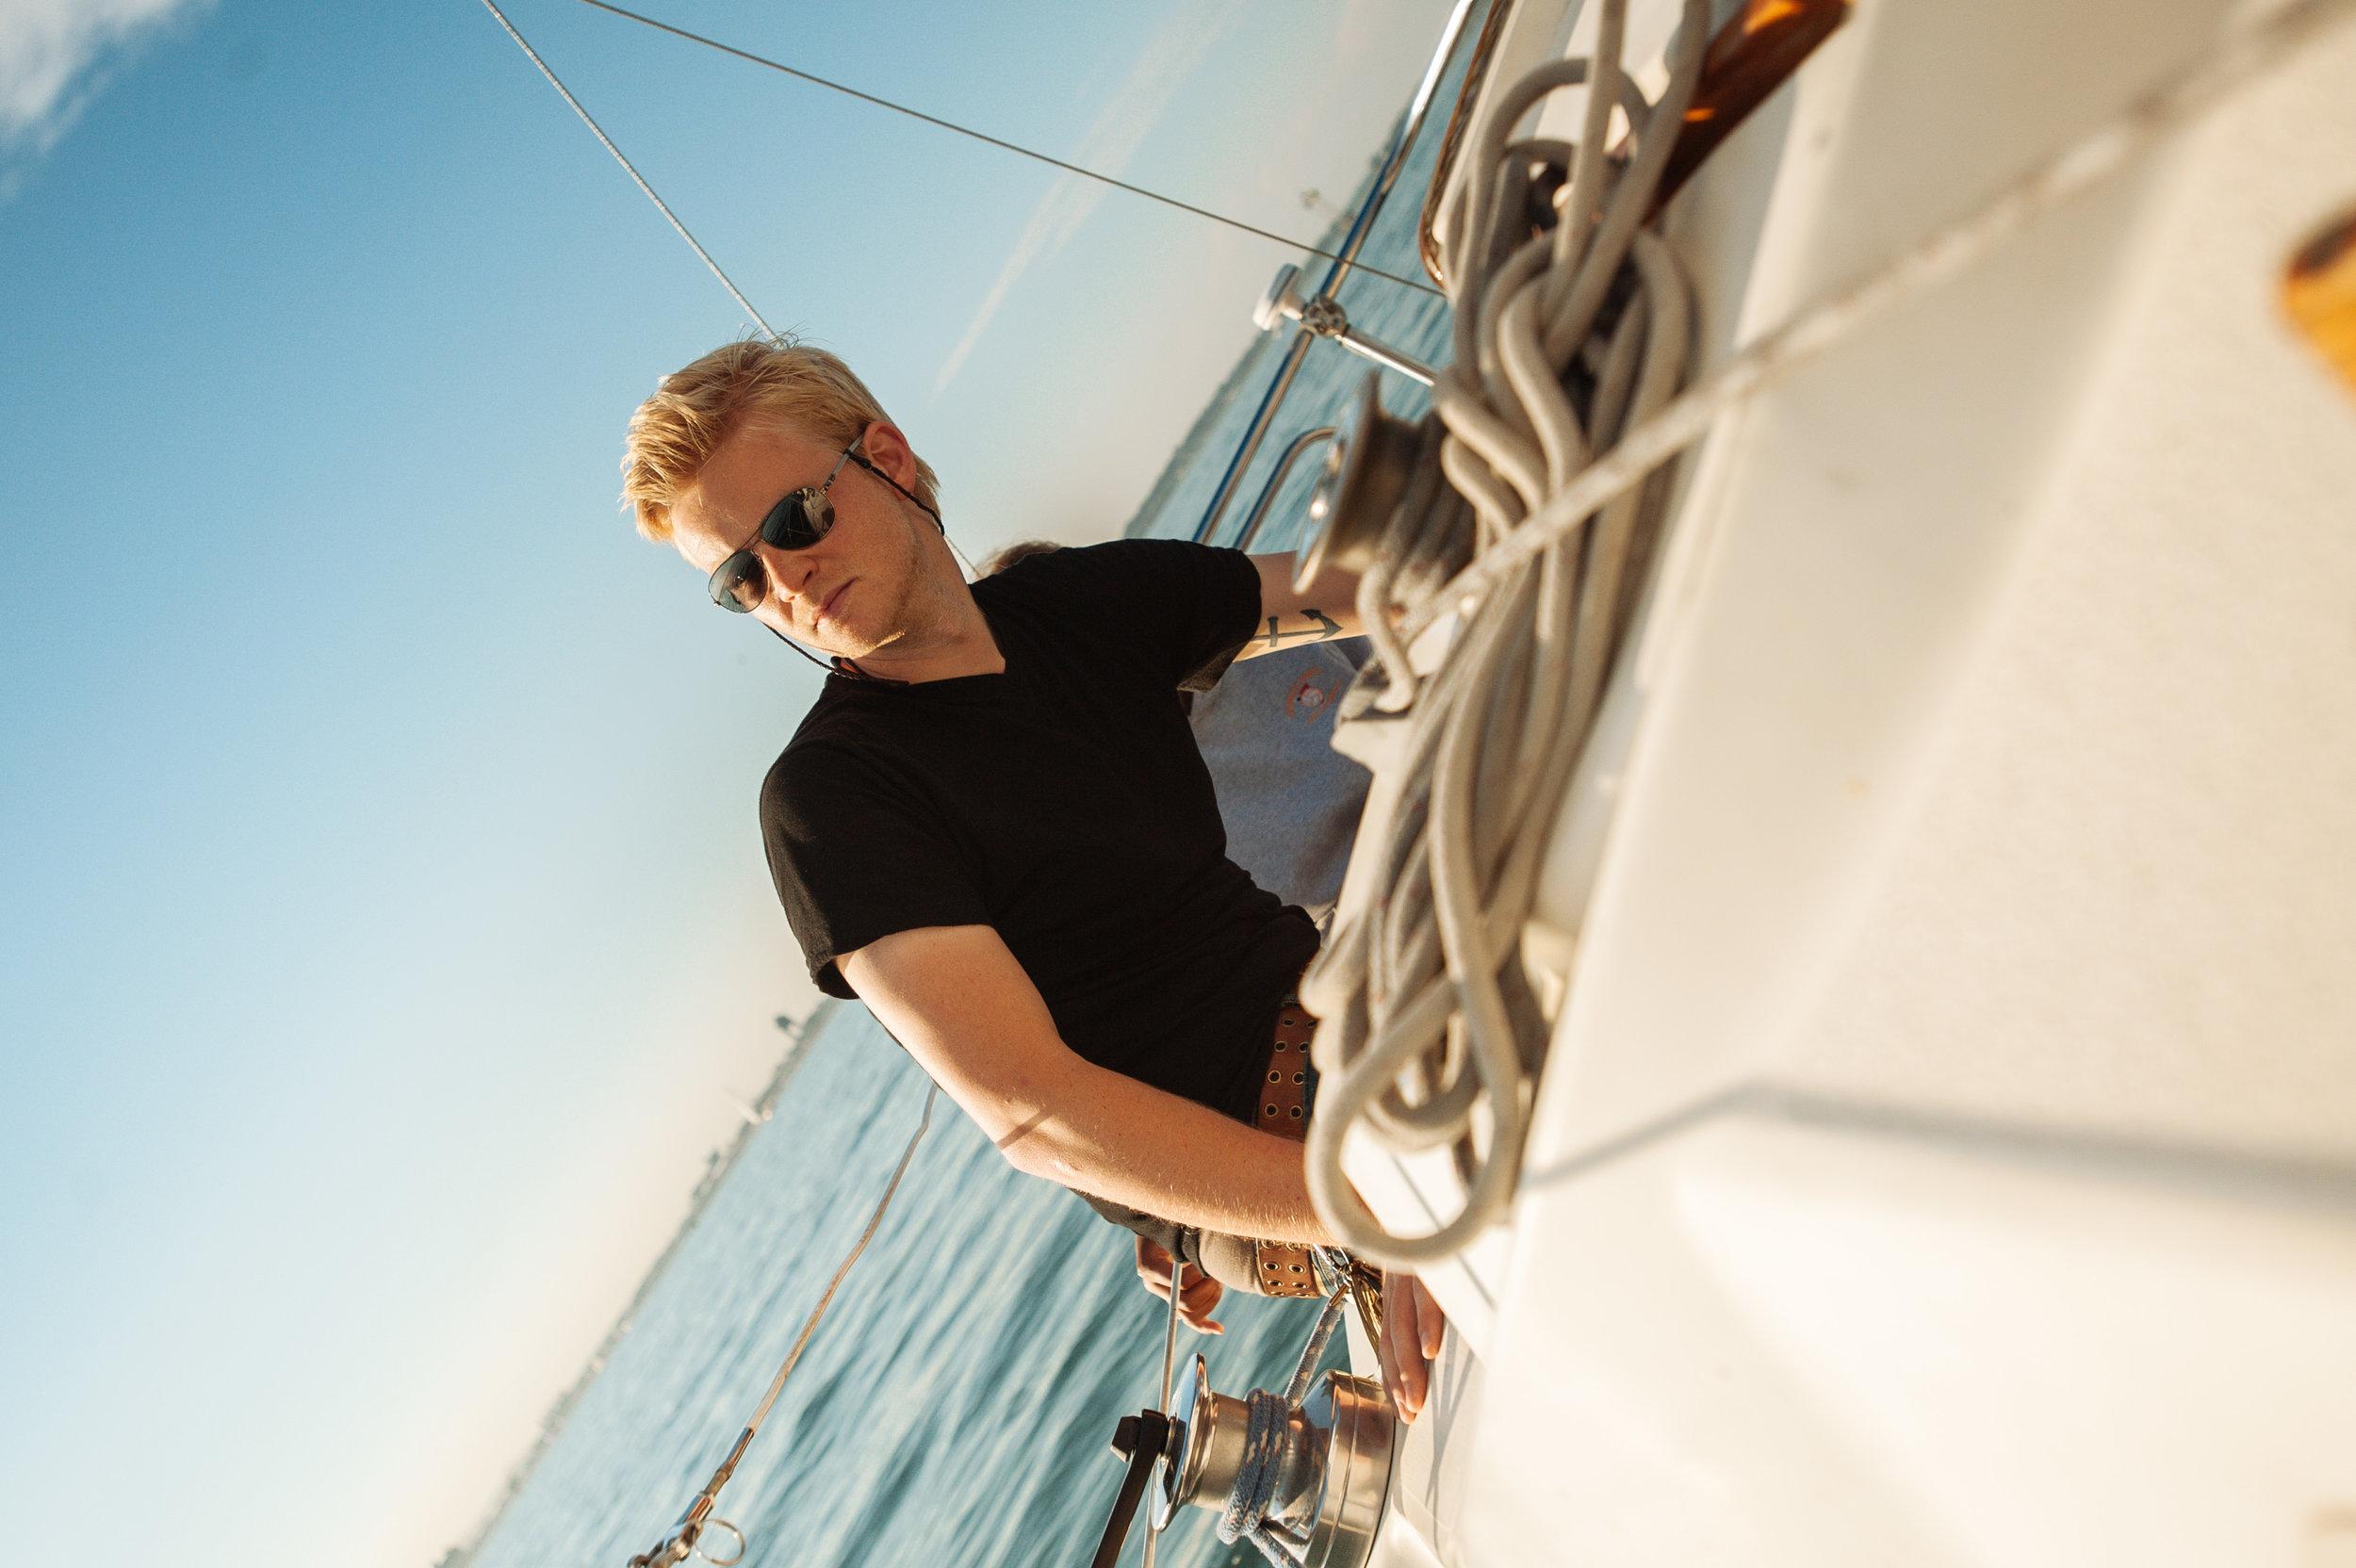 072110_KU_Sailing_114.jpg